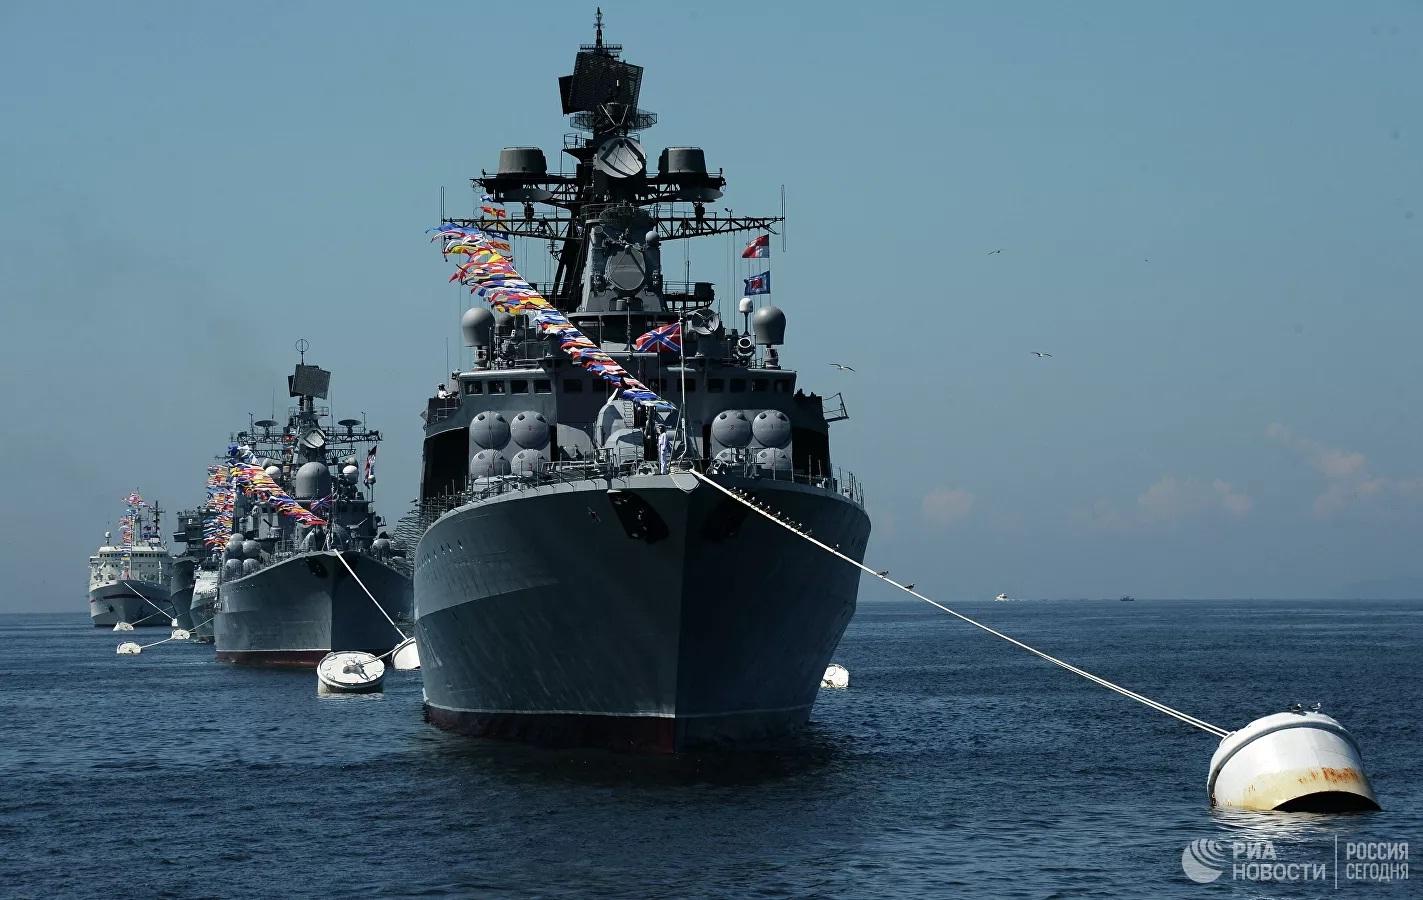 Thực hư 'tin đồn' tàu chiến Nga tiếp cận căn cứ hải quân lớn nhất của Mỹ